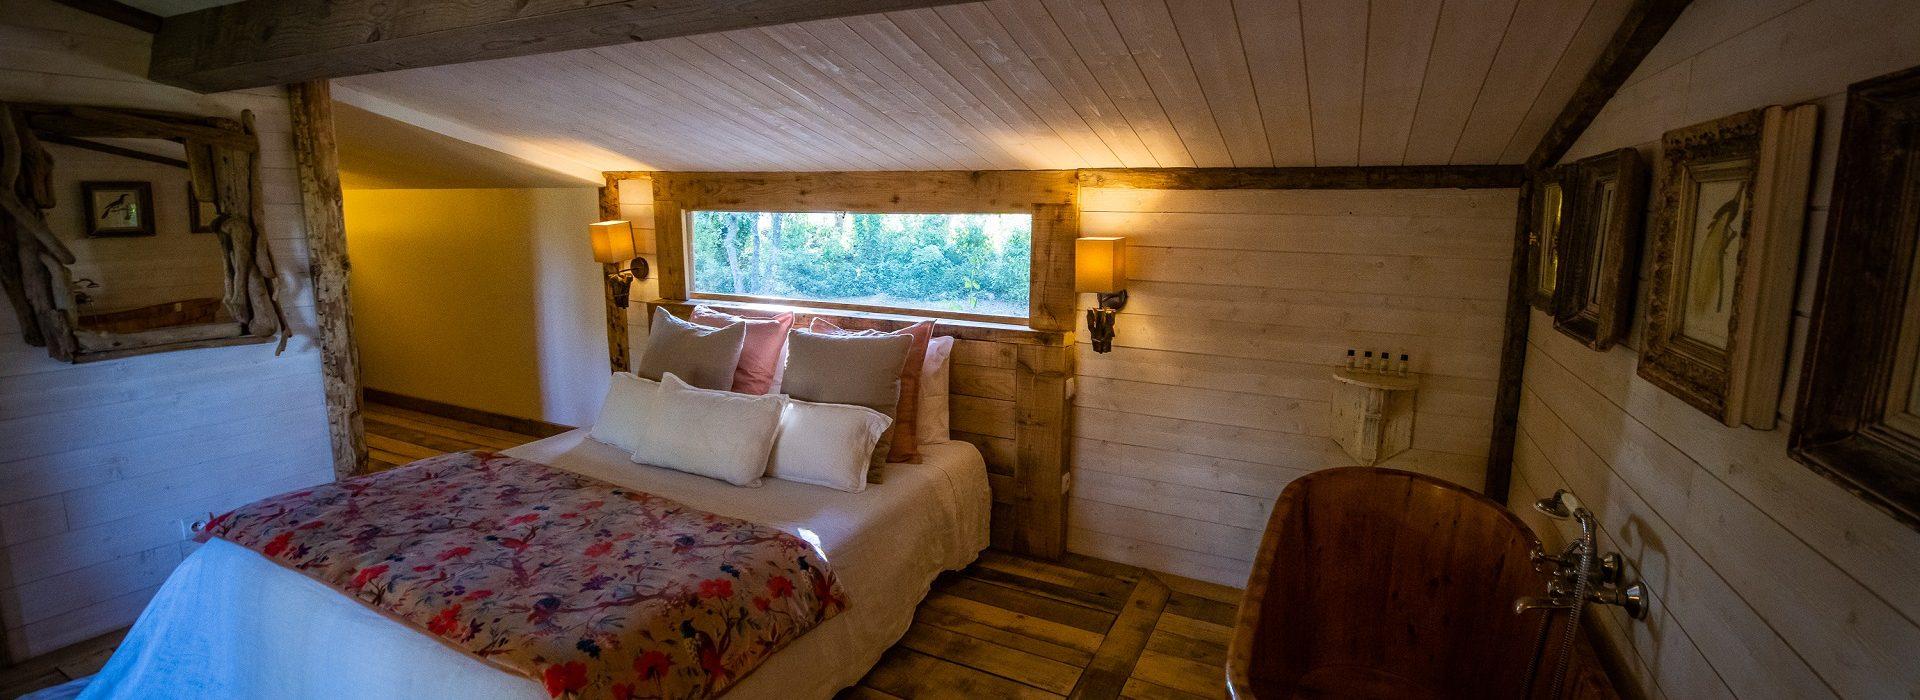 Cabane en bois avec jacuzzi pour 2